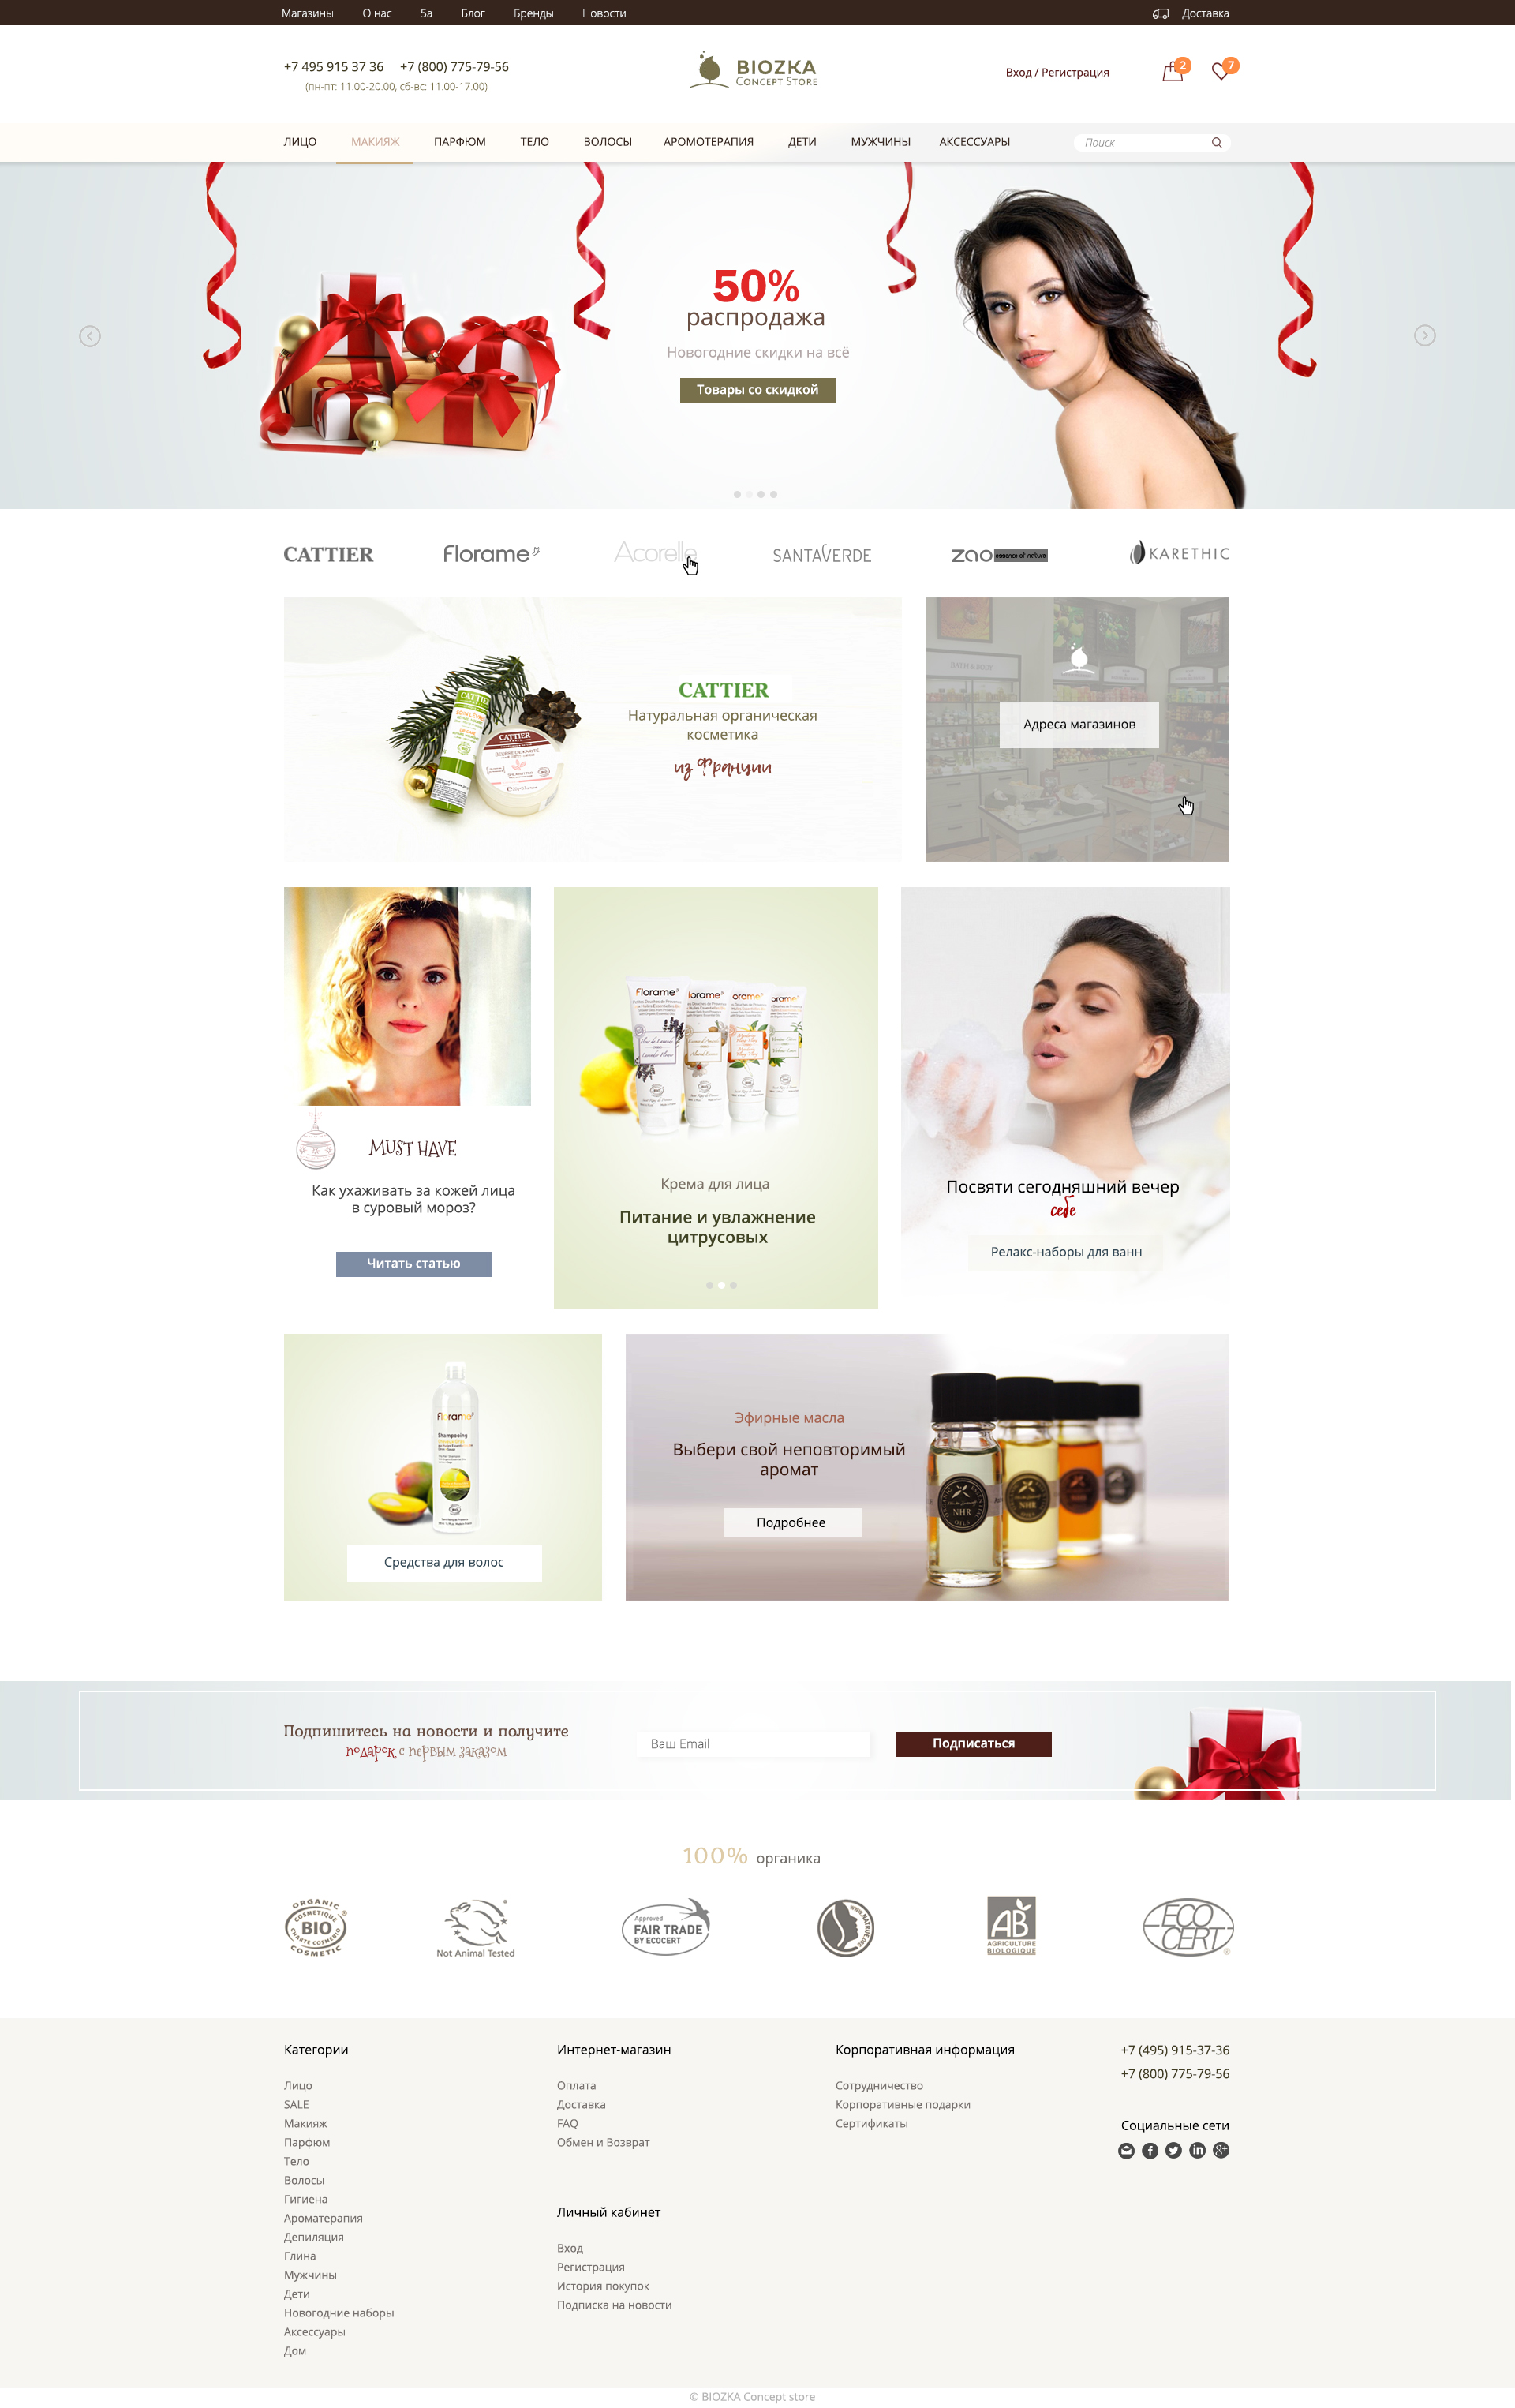 Дизайнер или графический художник для создания дизайна сайта фото f_29658752eaa8b785.jpg